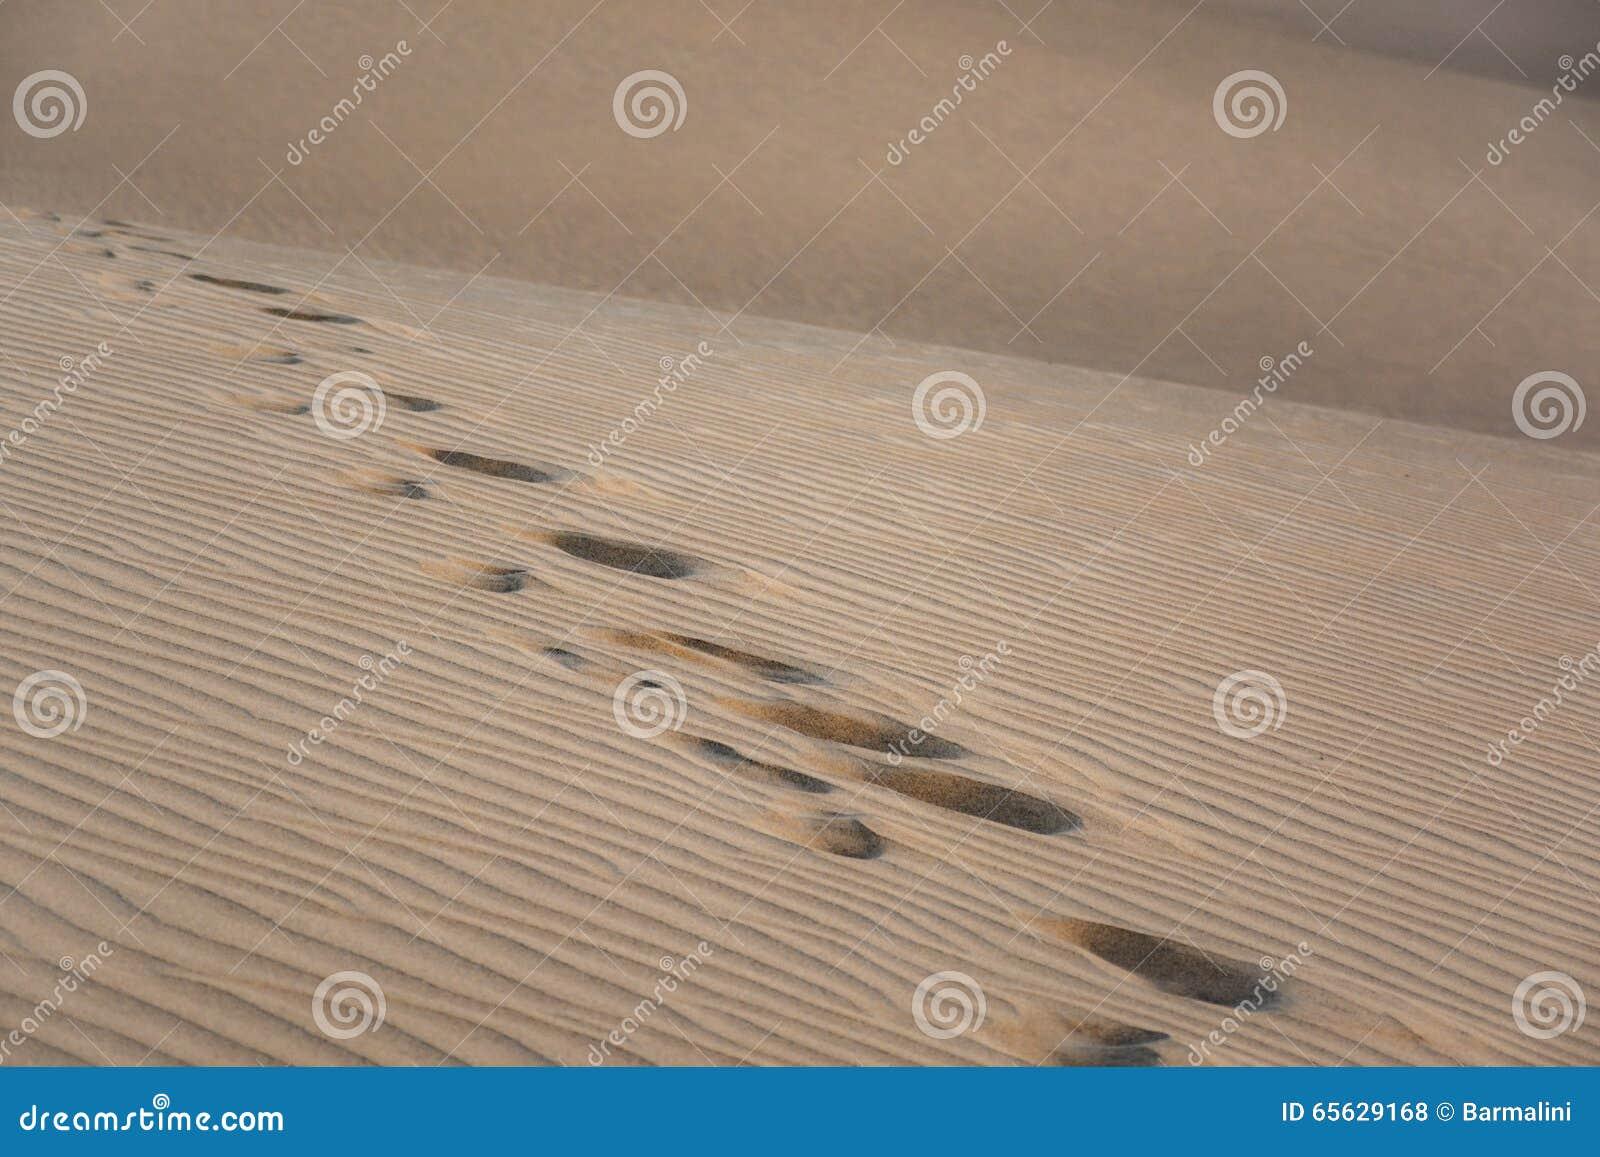 Empreintes de pas sur des dunes de sable, différentes textures, Maspalomas, mamie Canaria, Espagne